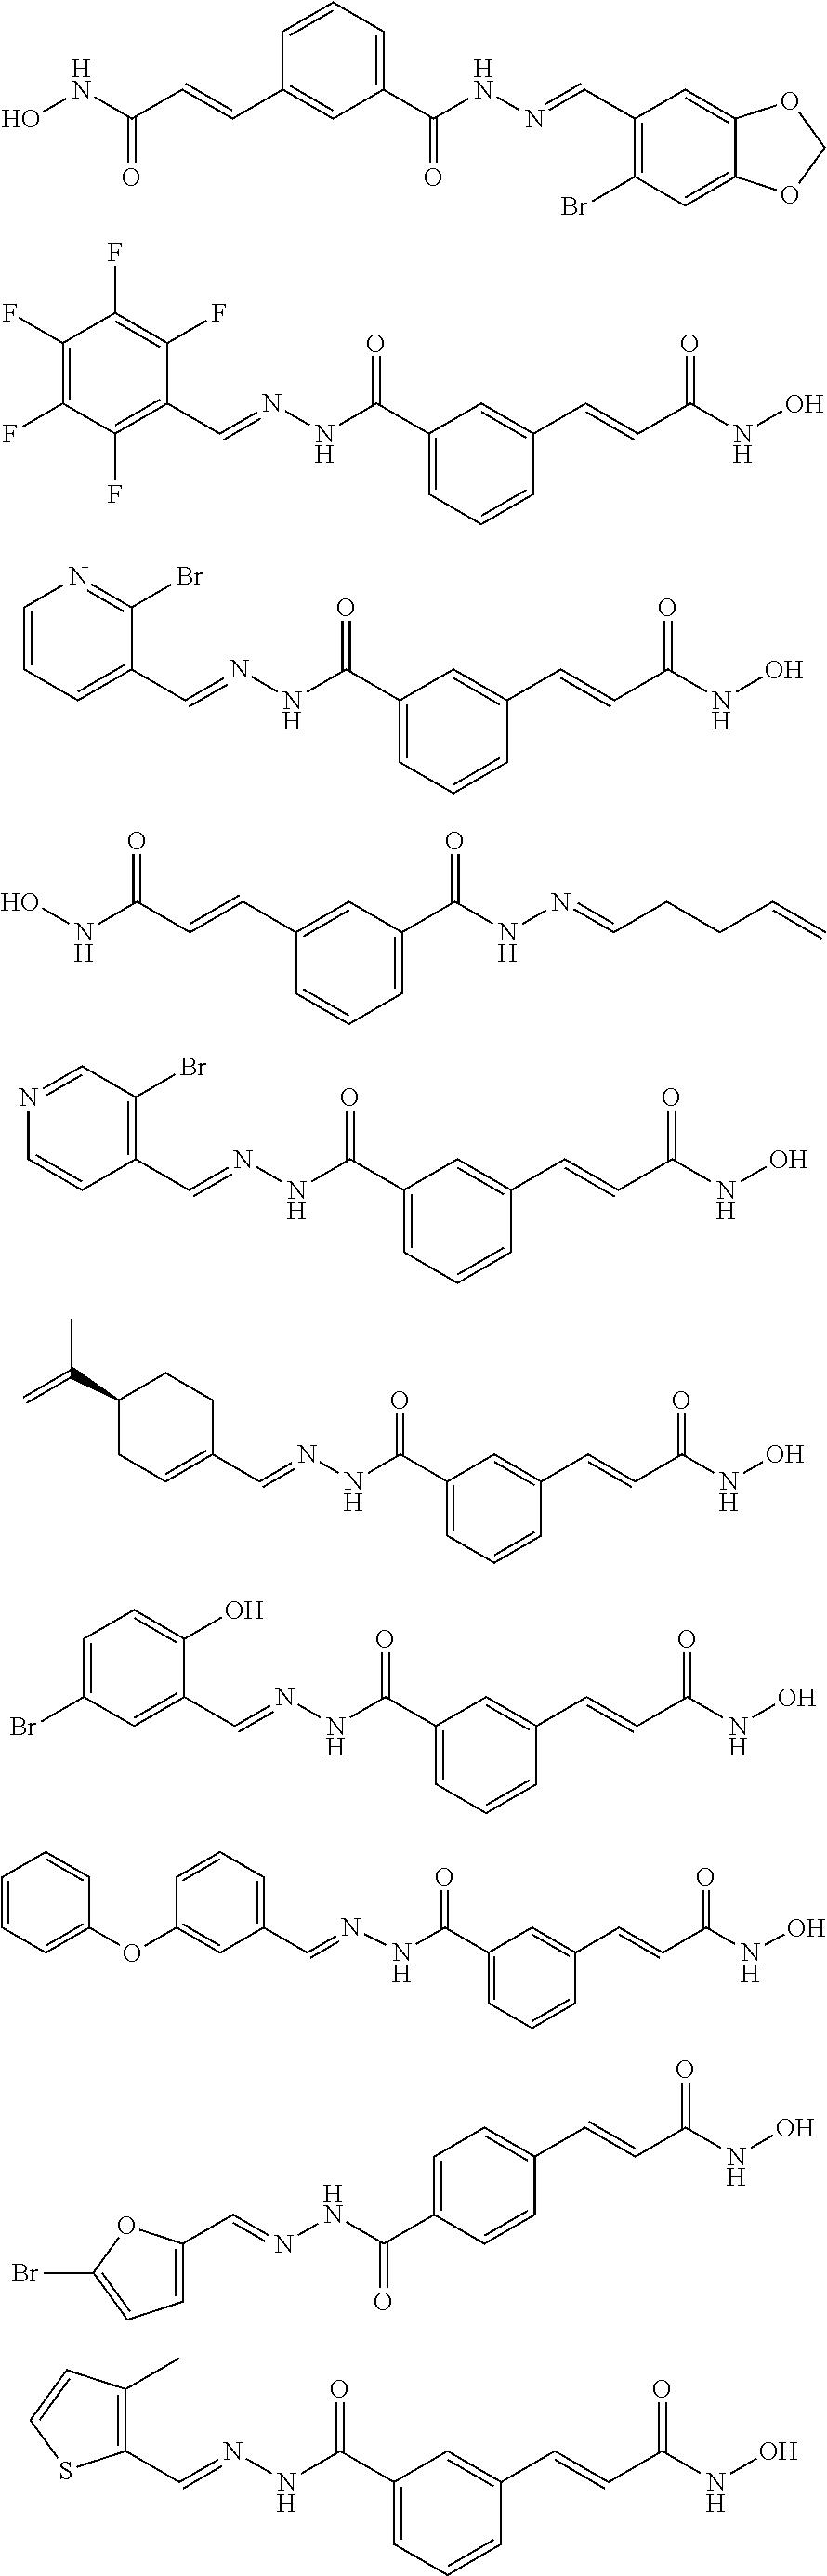 Figure US09540317-20170110-C00064